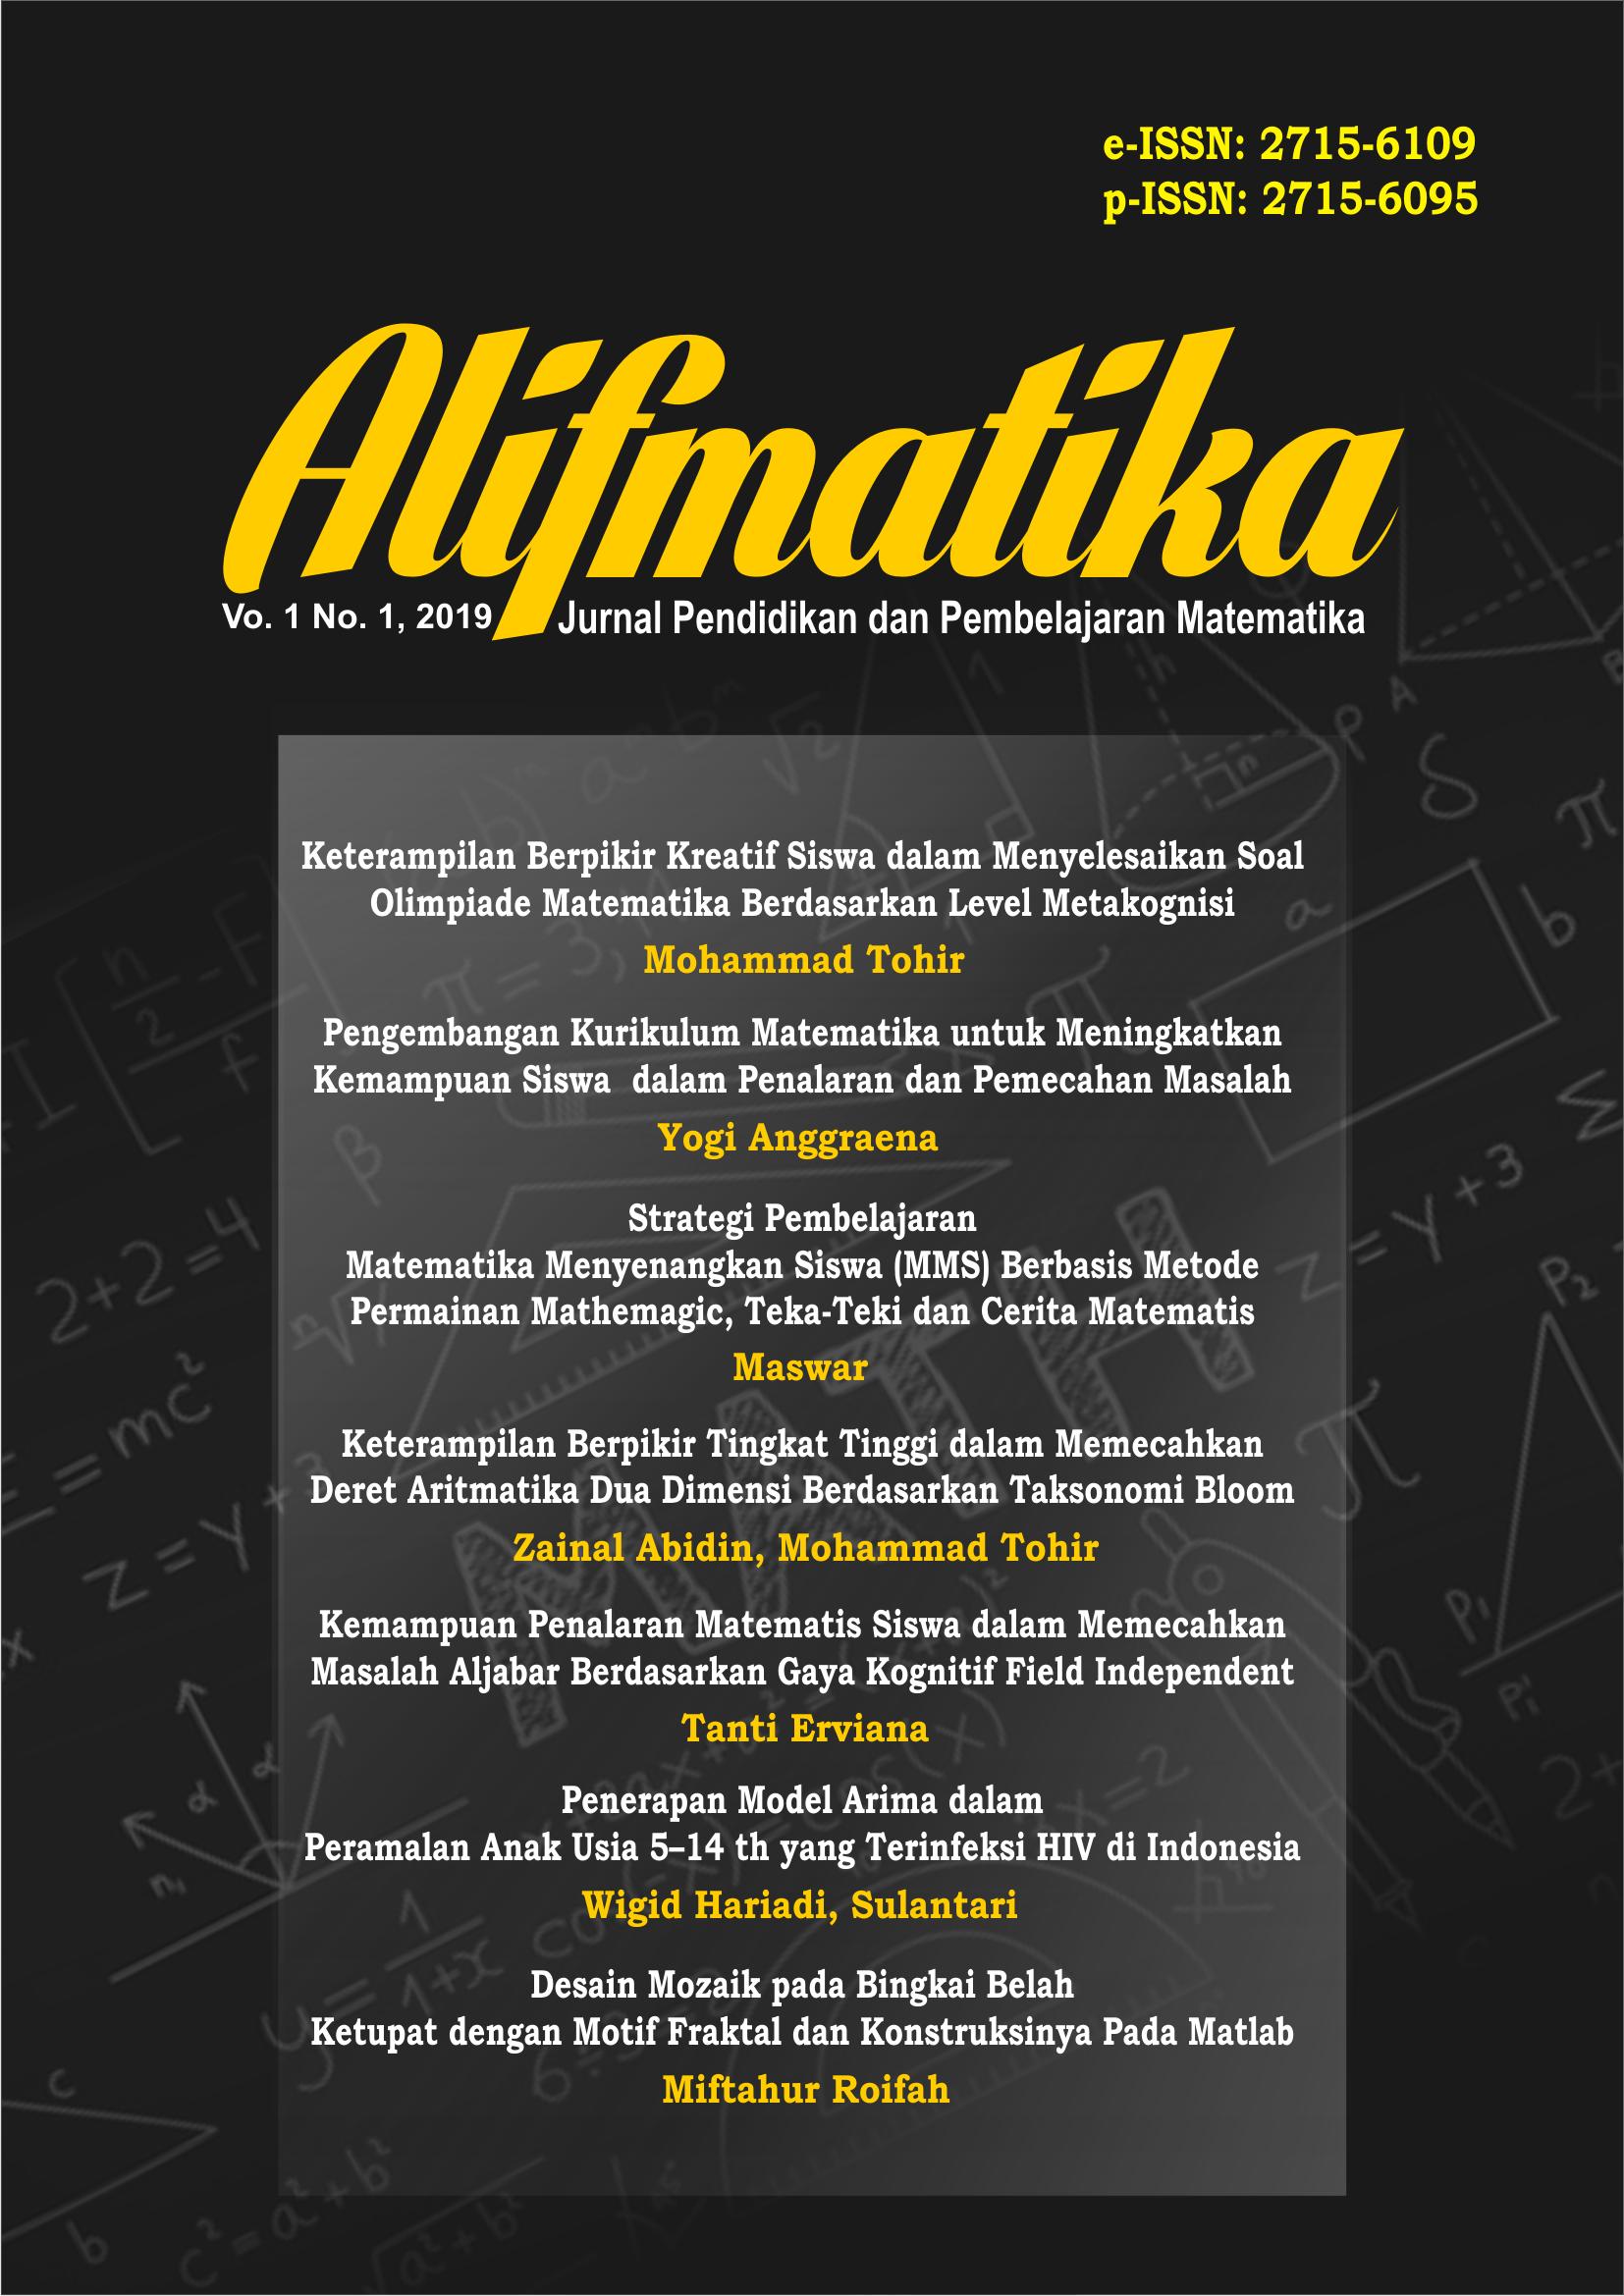 Alifmatika: Jurnal Pendidikan dan Pembelajaran Matematika